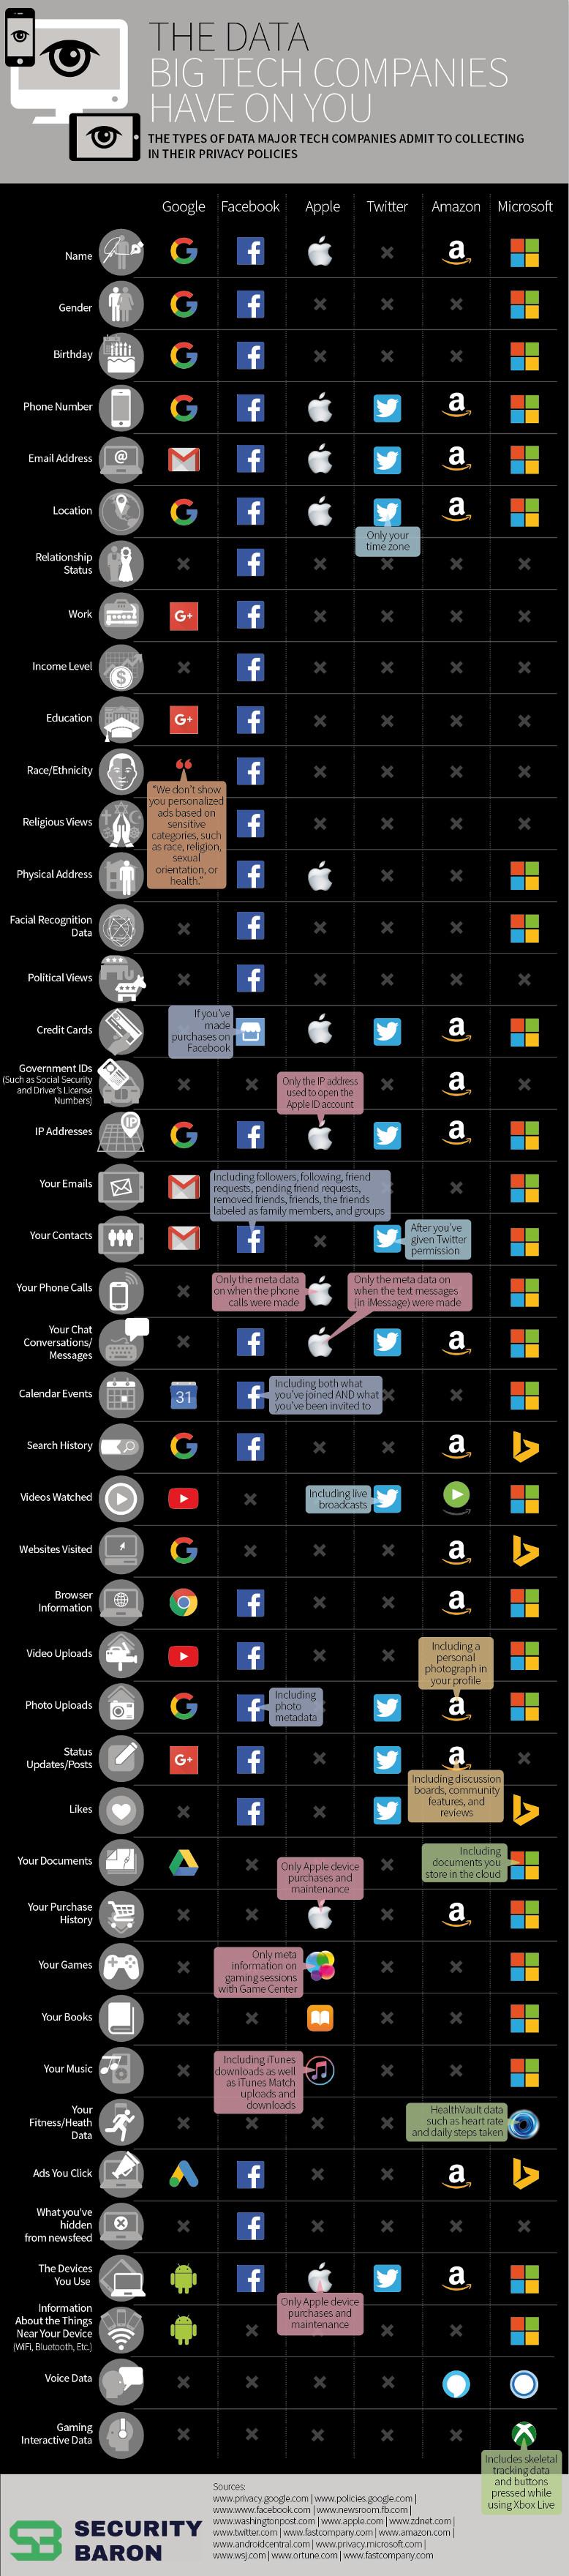 Lo que saben las grandes empresas tecnológicas sobre ti